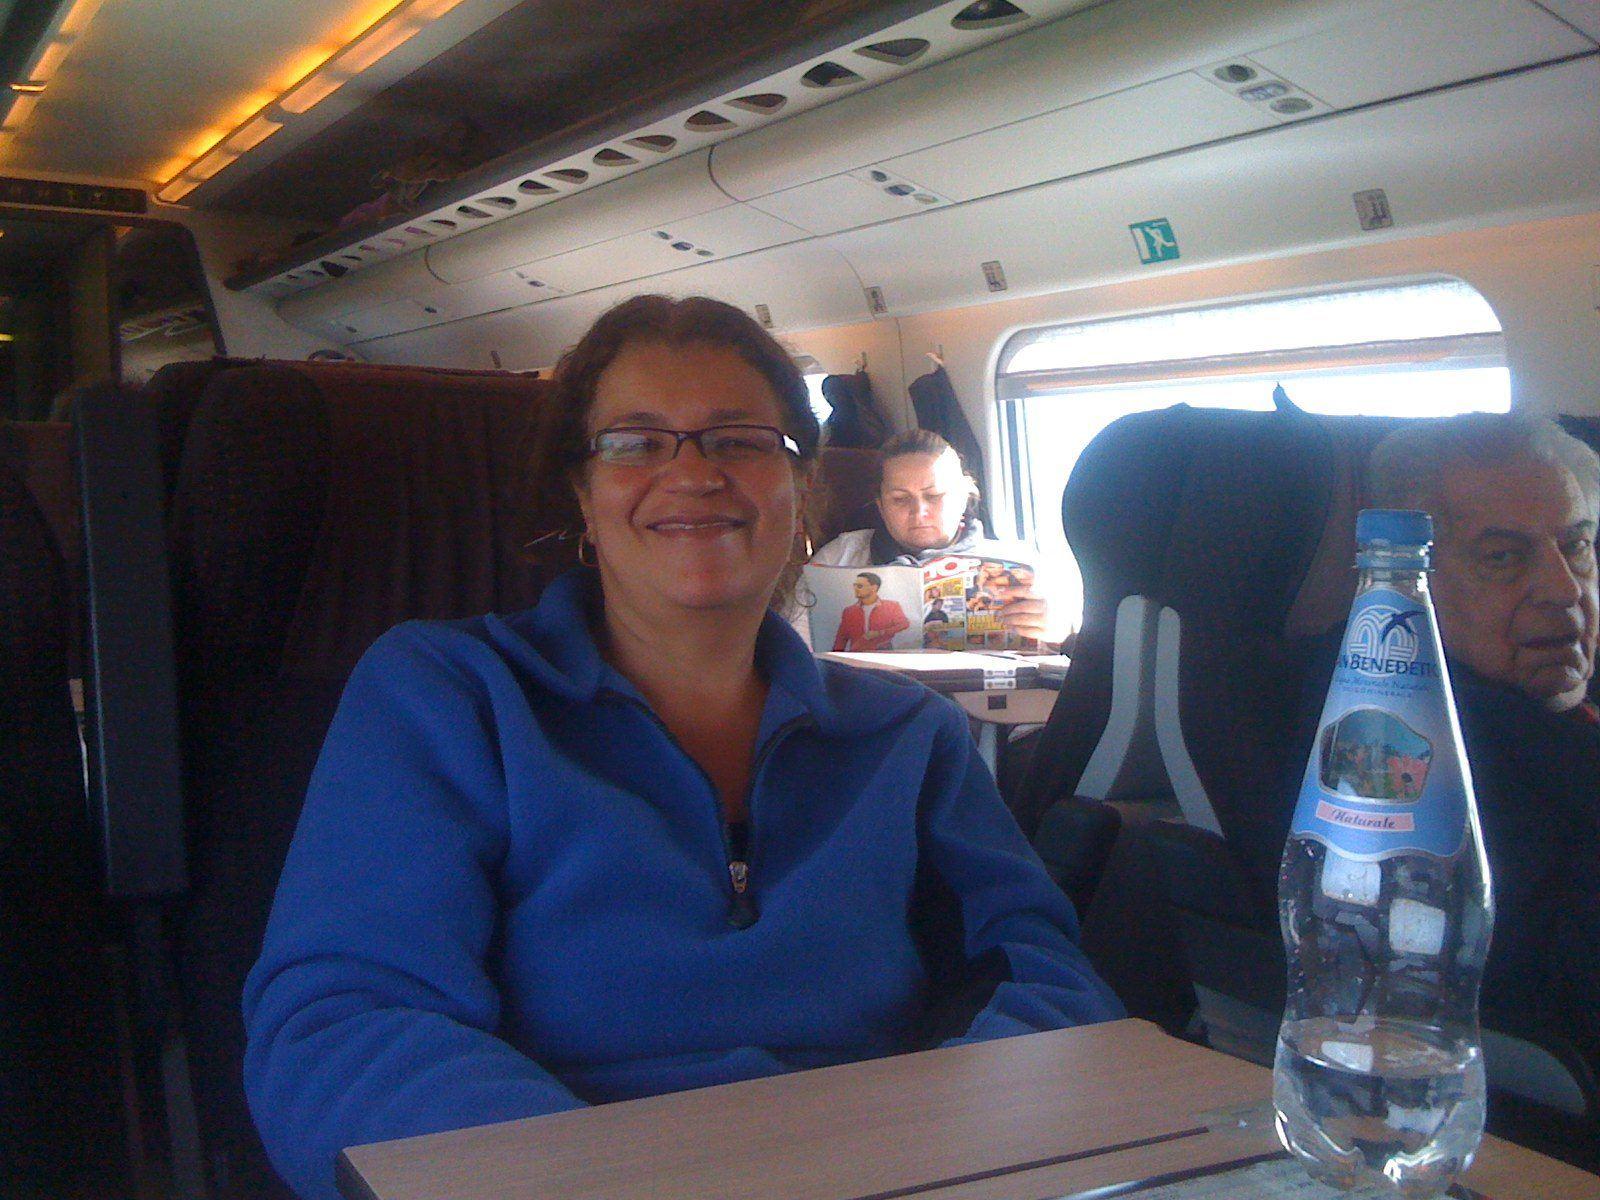 Eliane on a train to Firenza, Italy. Jet-set life!